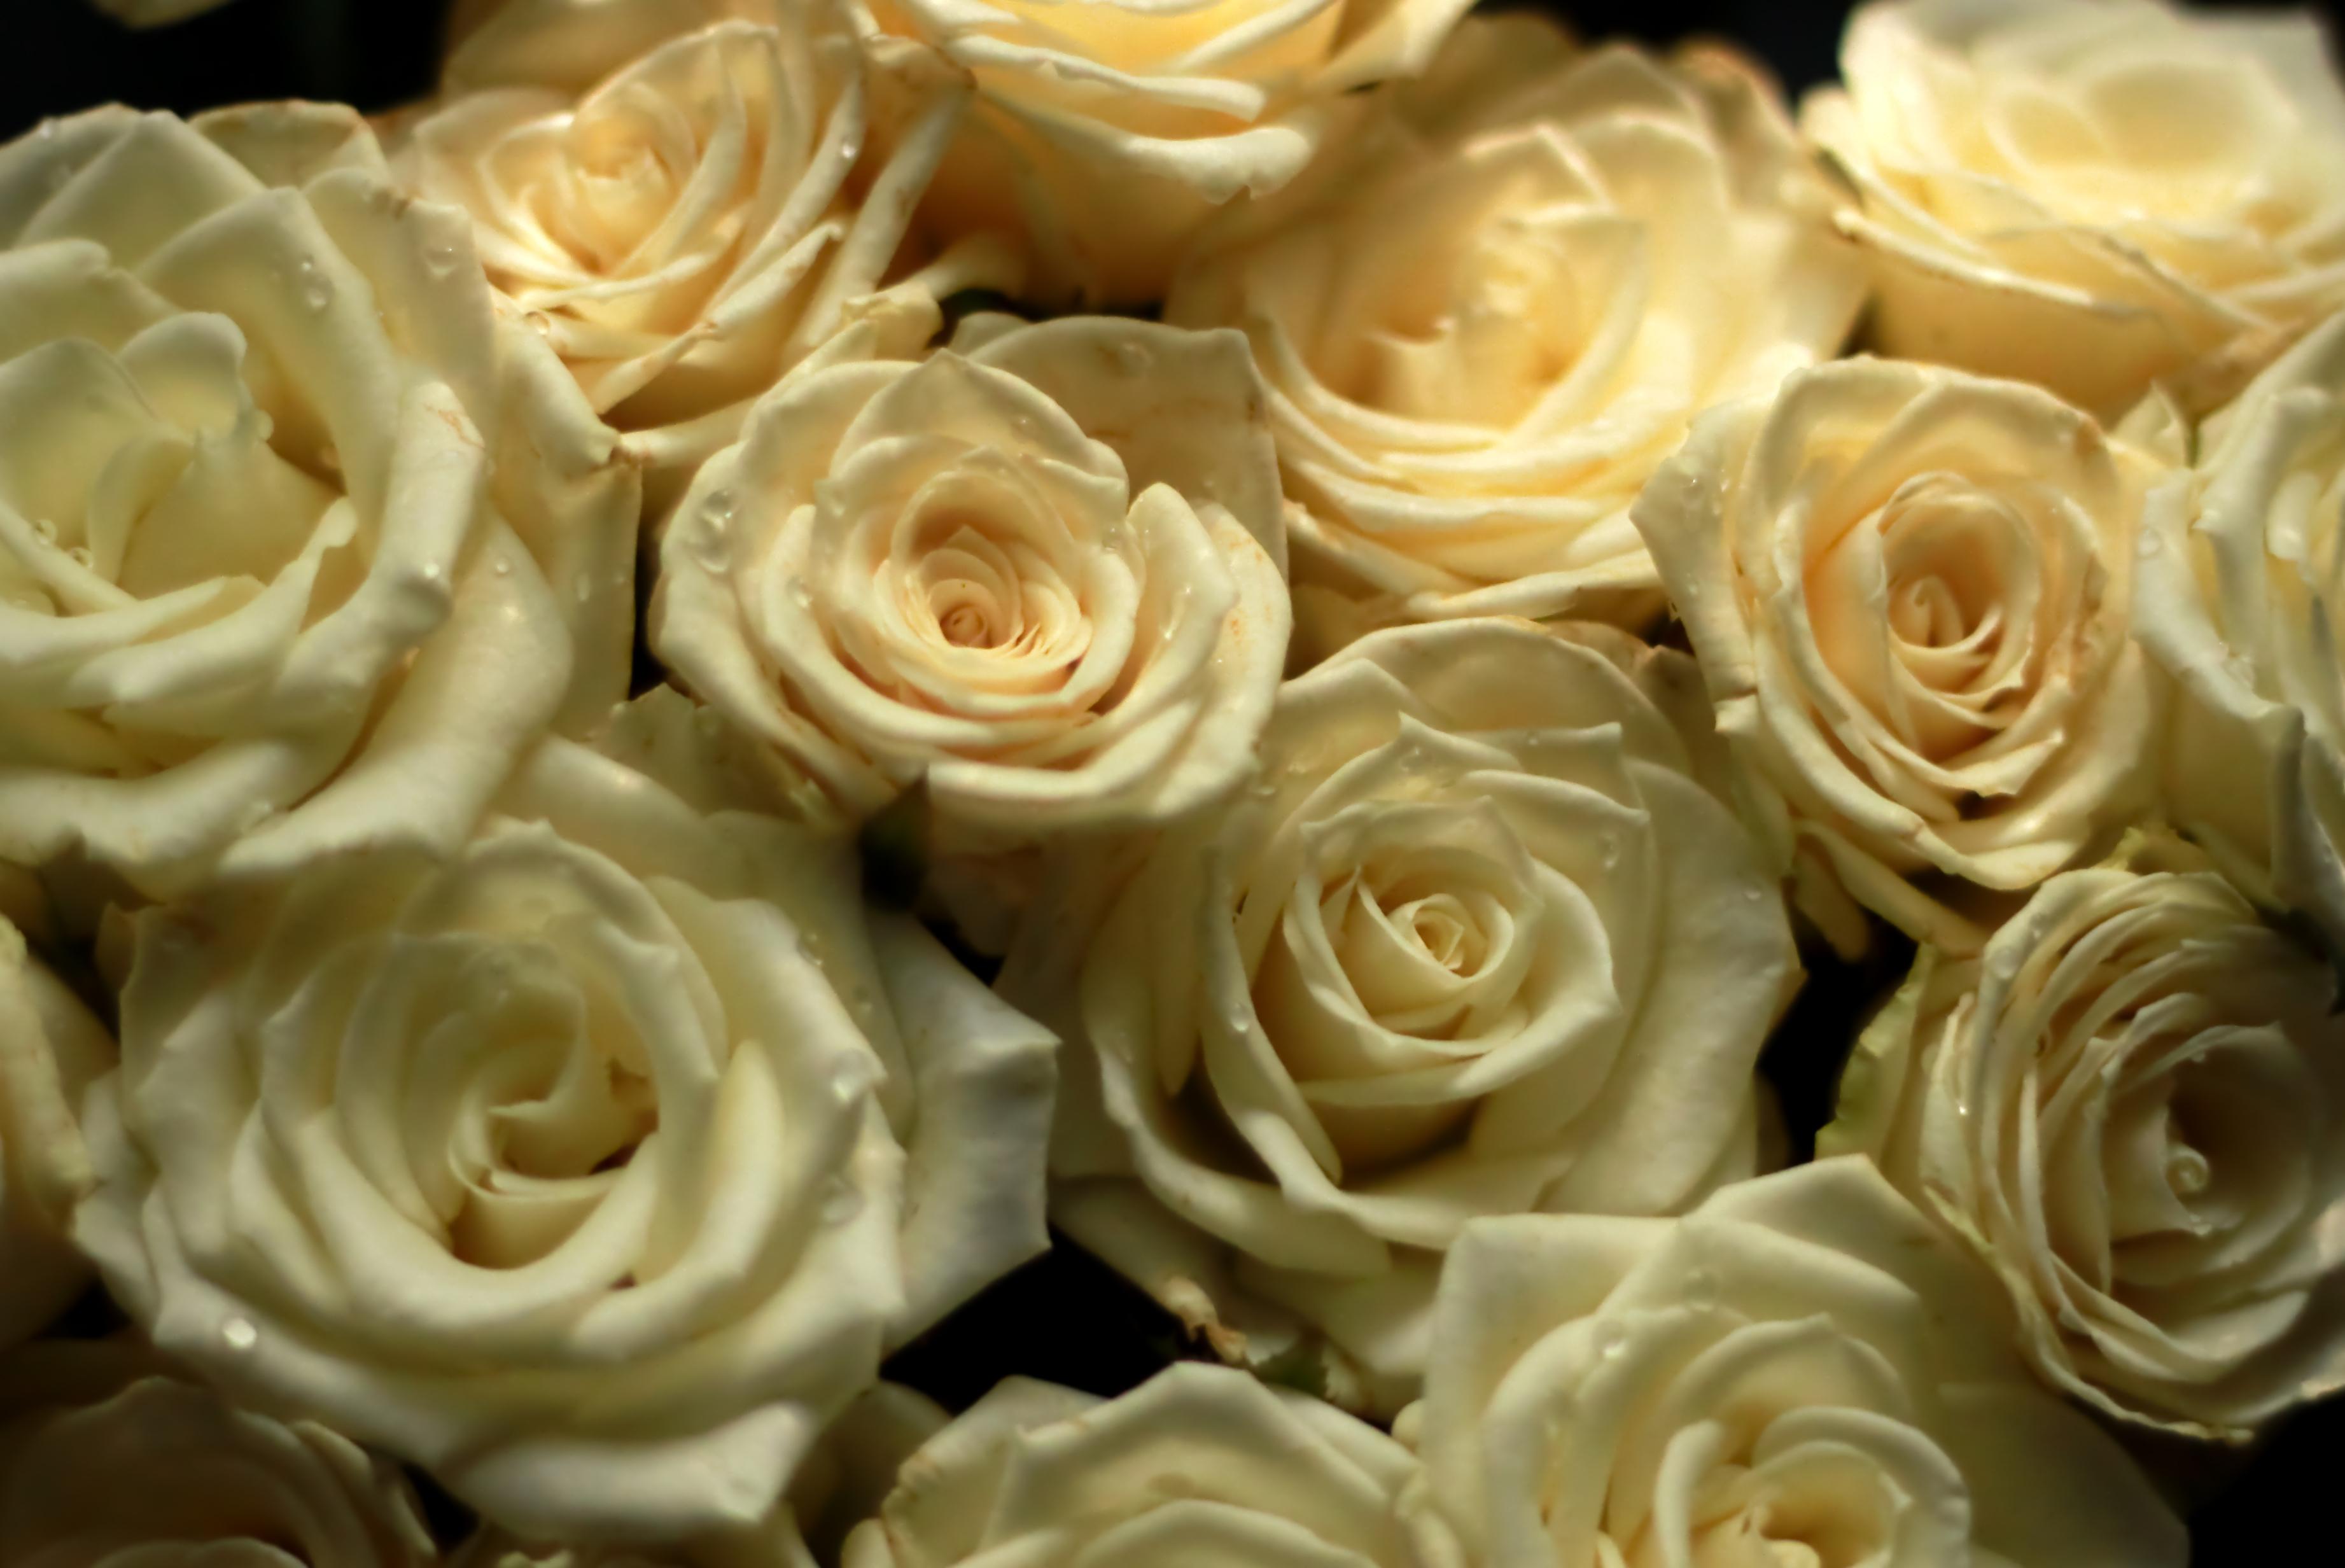 картинки роз в высоком разрешении потом это могут